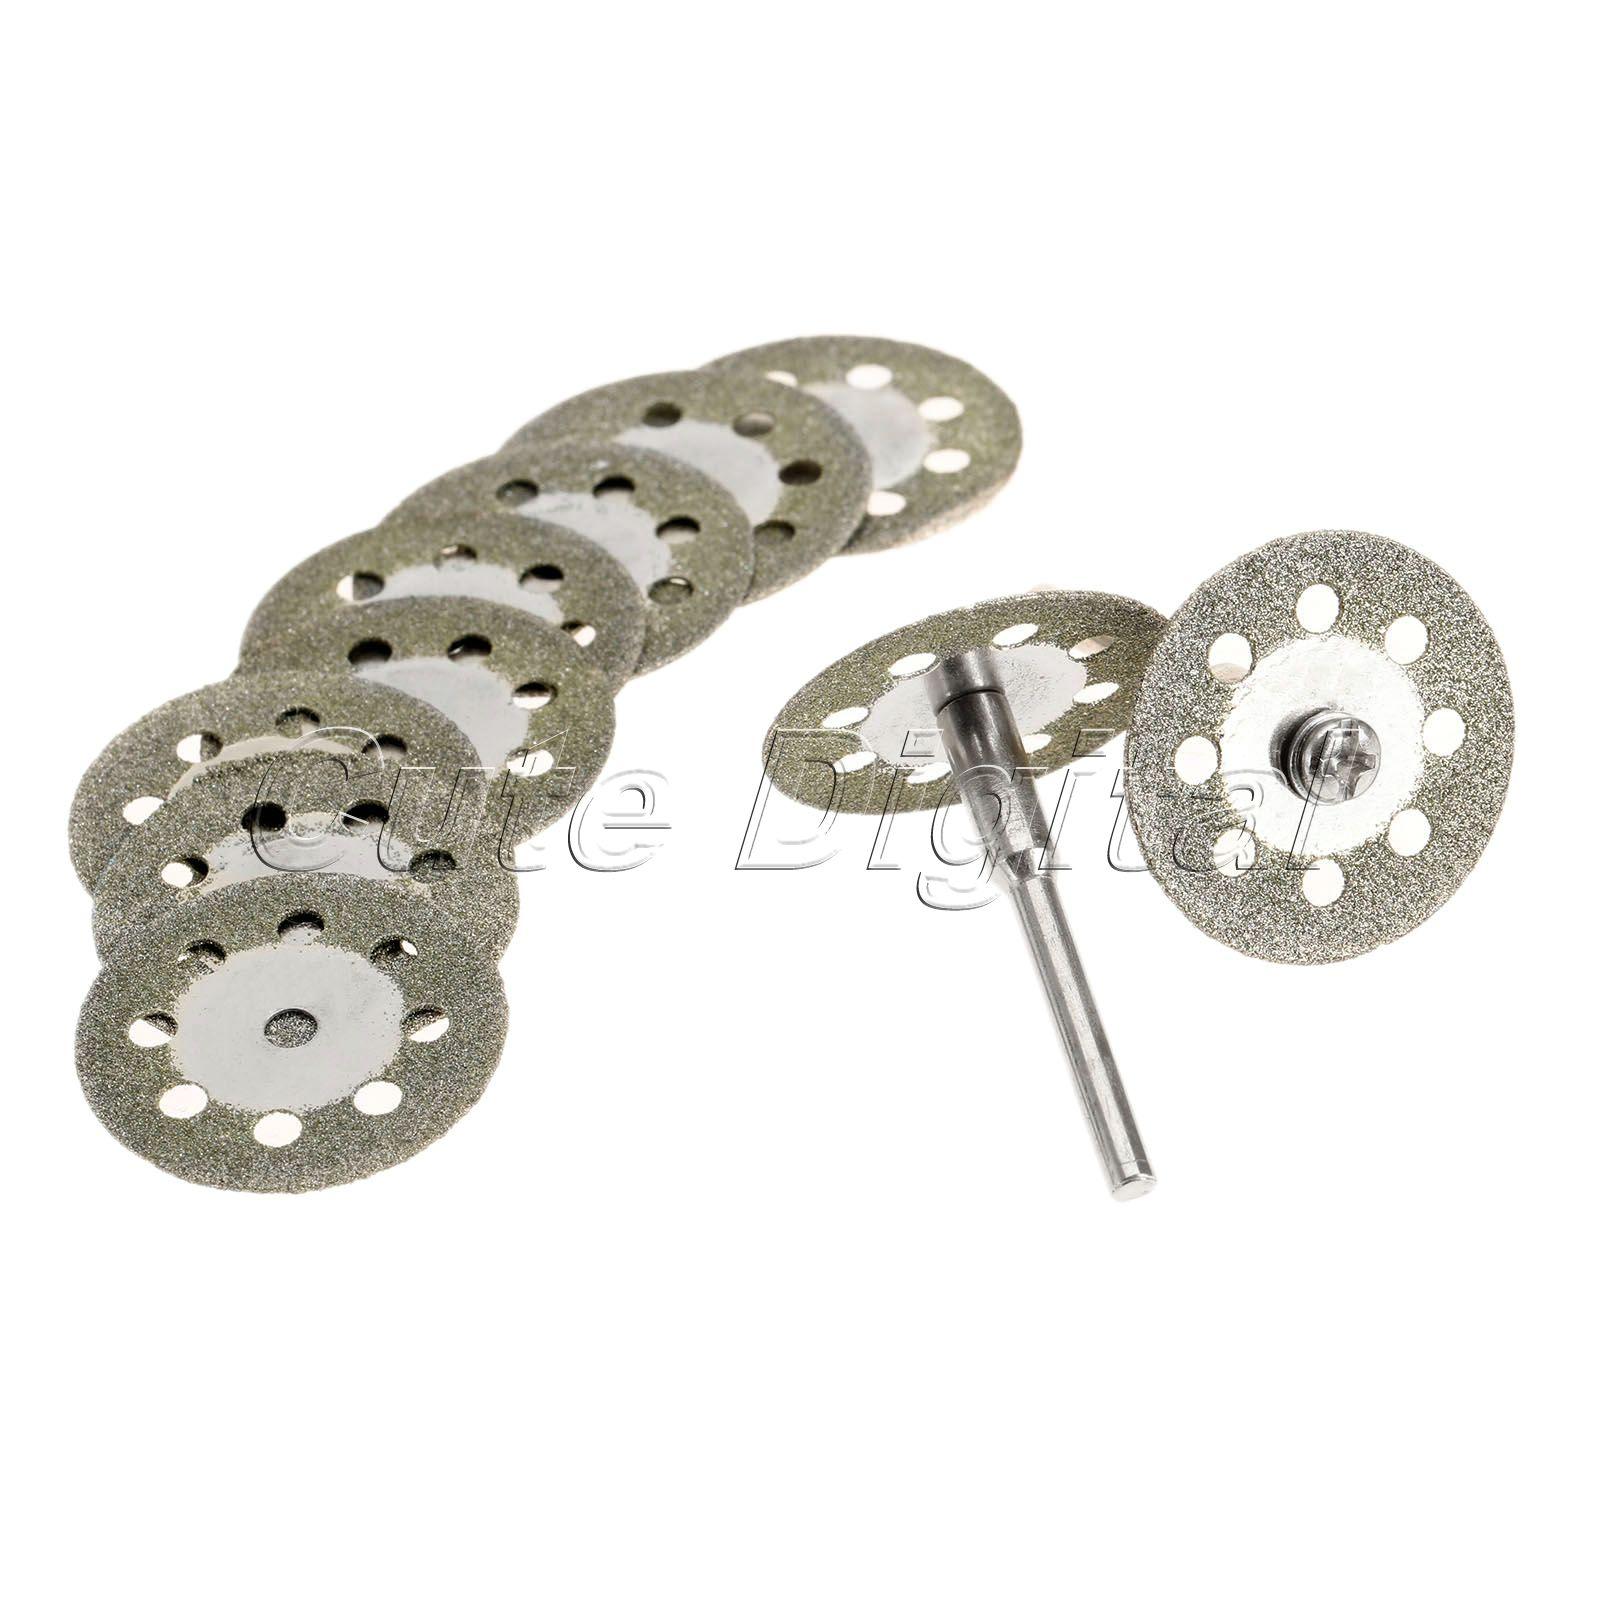 2 Tube 24 mm de résine coupe disque de meulage Wheels /& 3.175 mm mandrin outil rotatif Kit